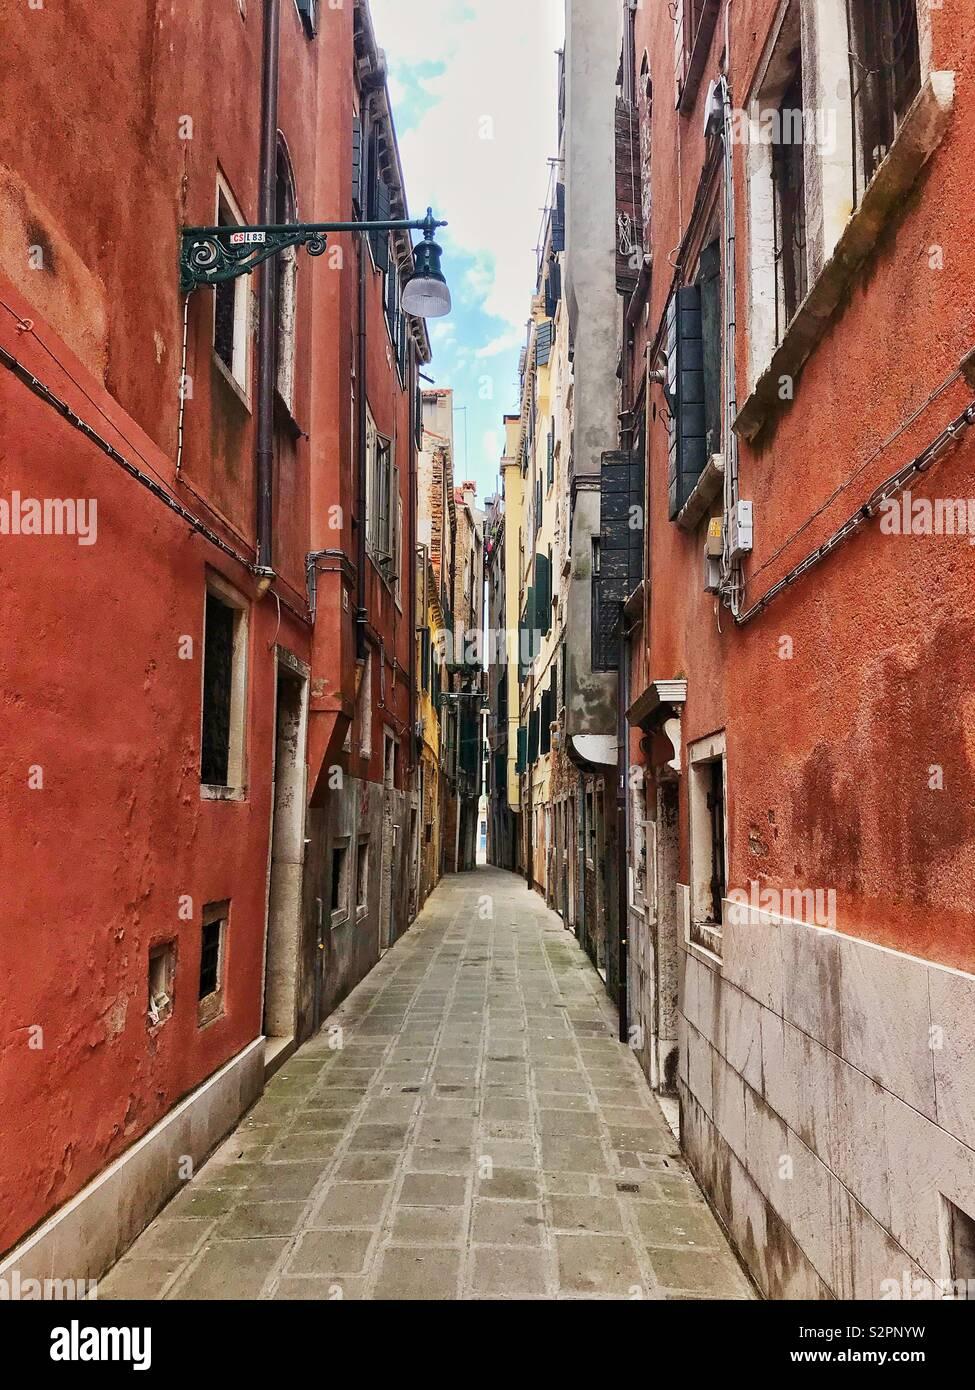 Venezianische Straße verwandelte sich in eine Gasse, wo Gebäude fast berühren. Italien, 12. Juni 2019. Stockbild